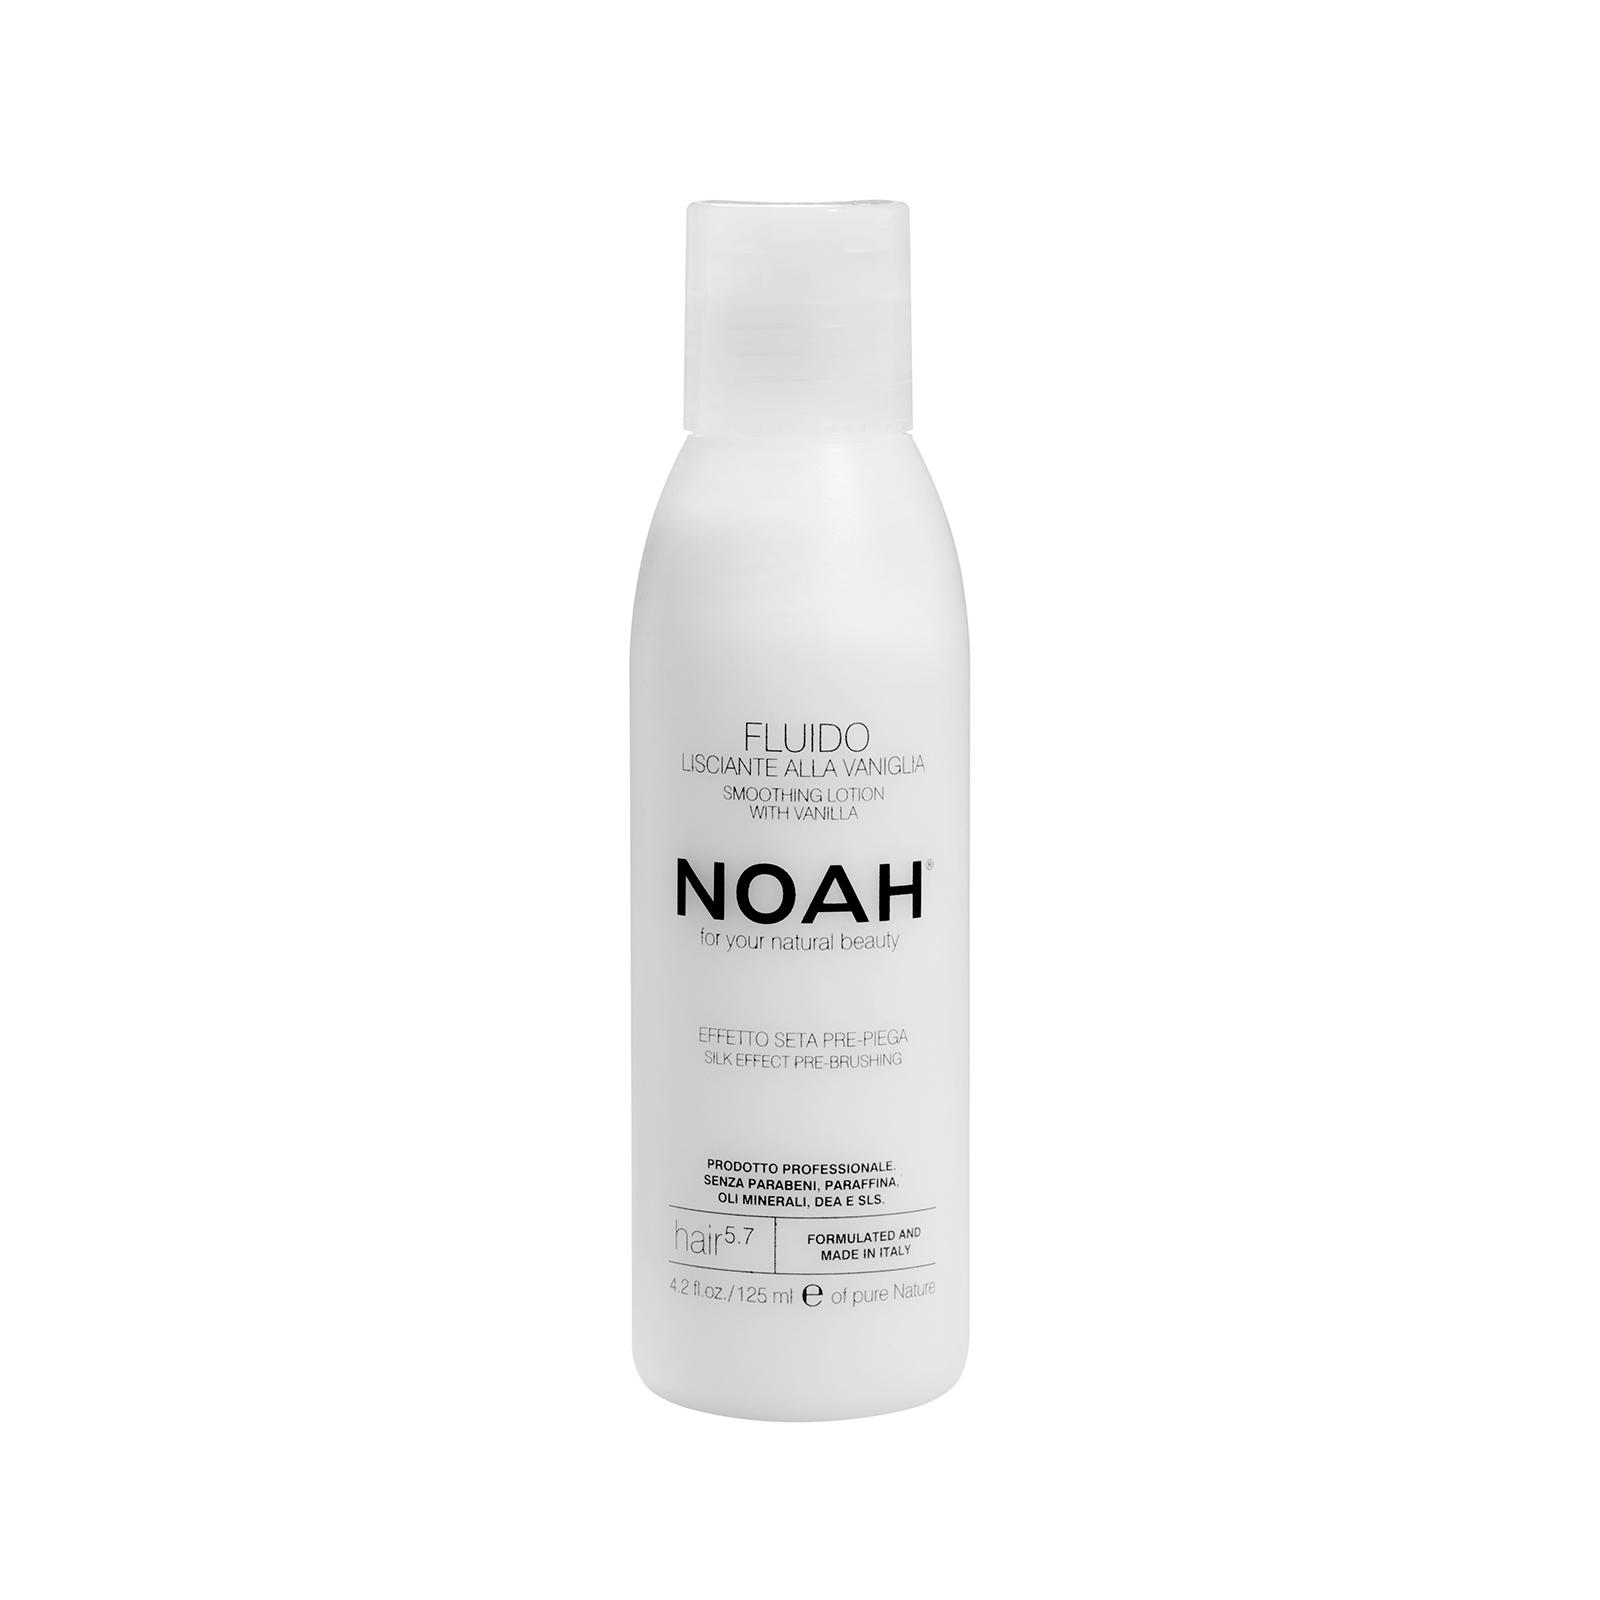 Tiesinantis skystis NOAH su vanile, 125 ml